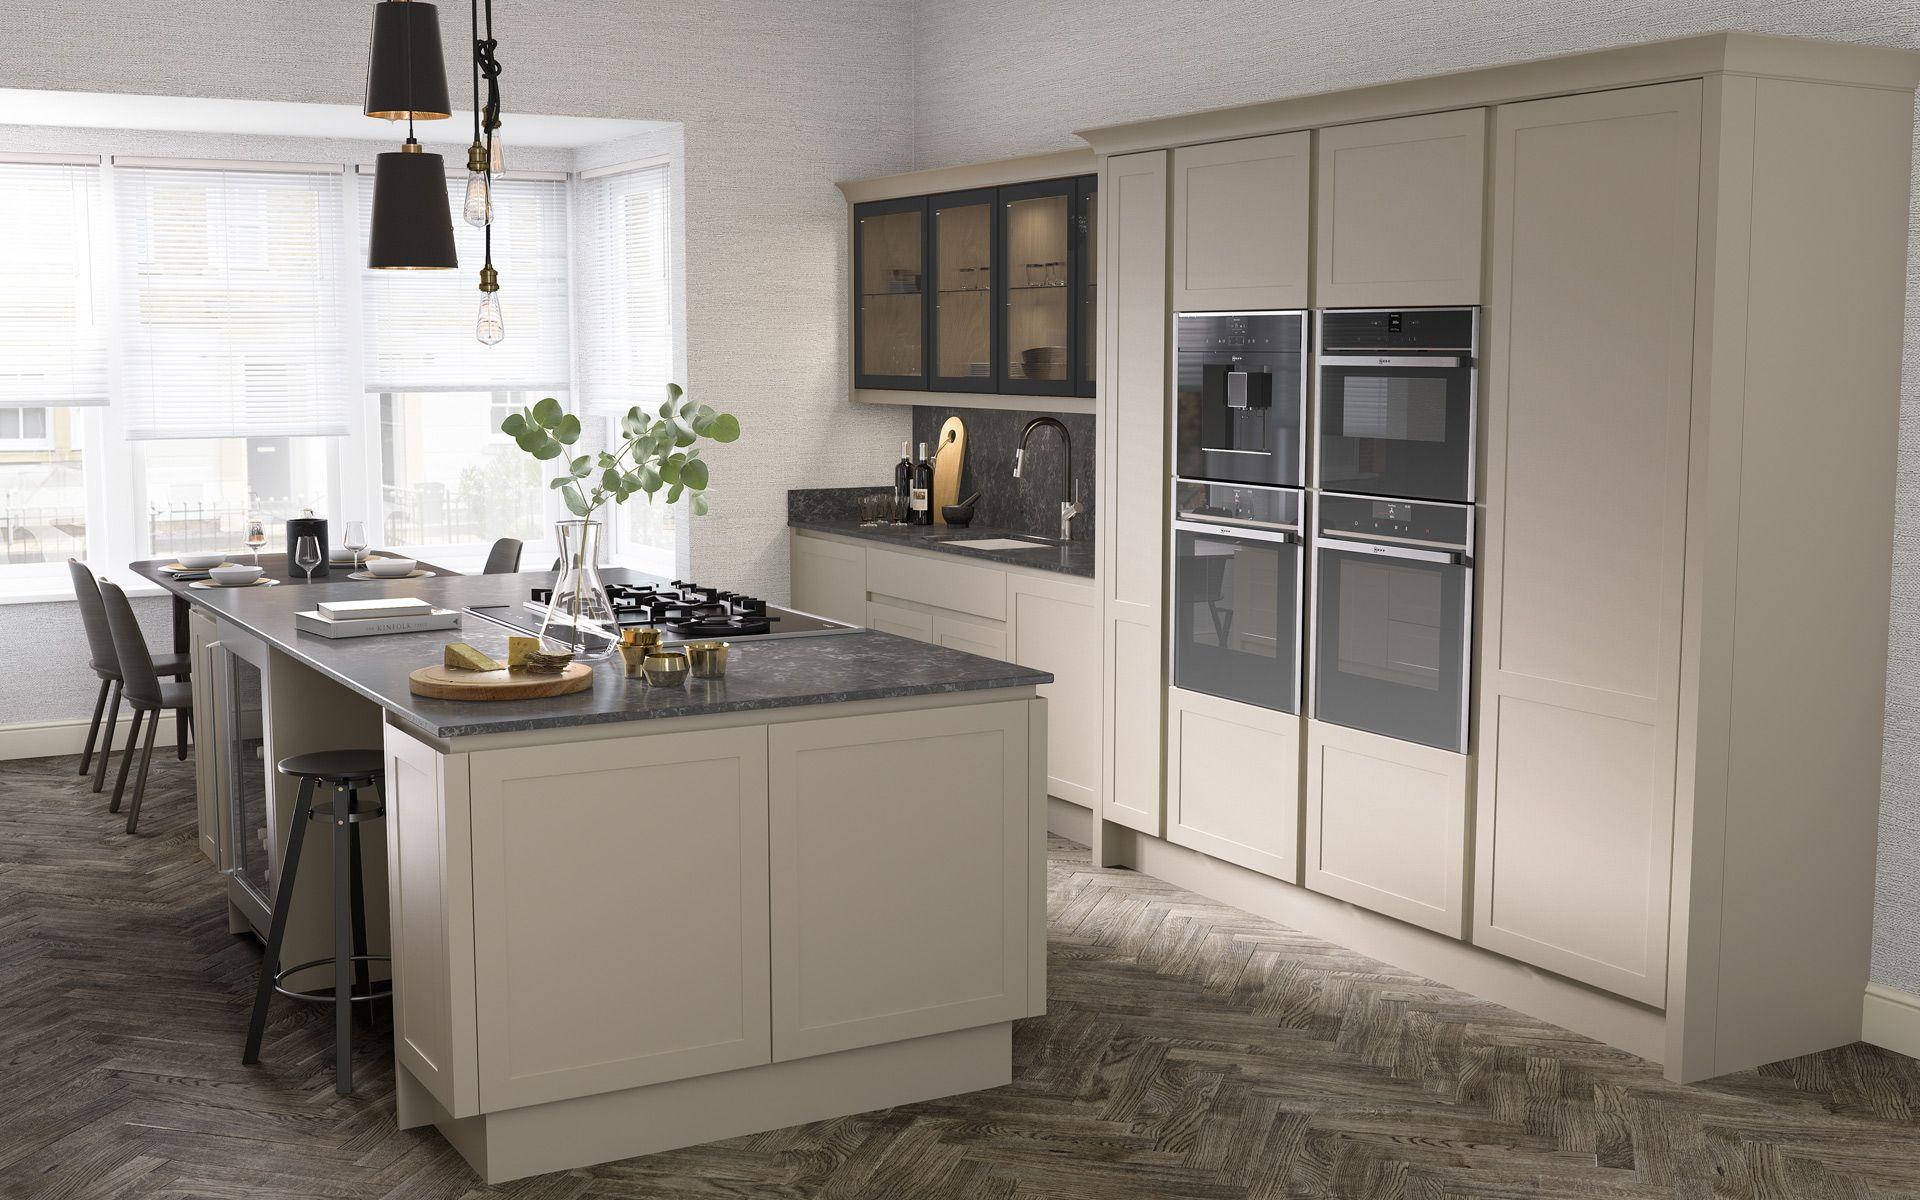 Kitchen Ideas St Johns Woking Handleless Kitchen Kitchen Design Complete Kitchens